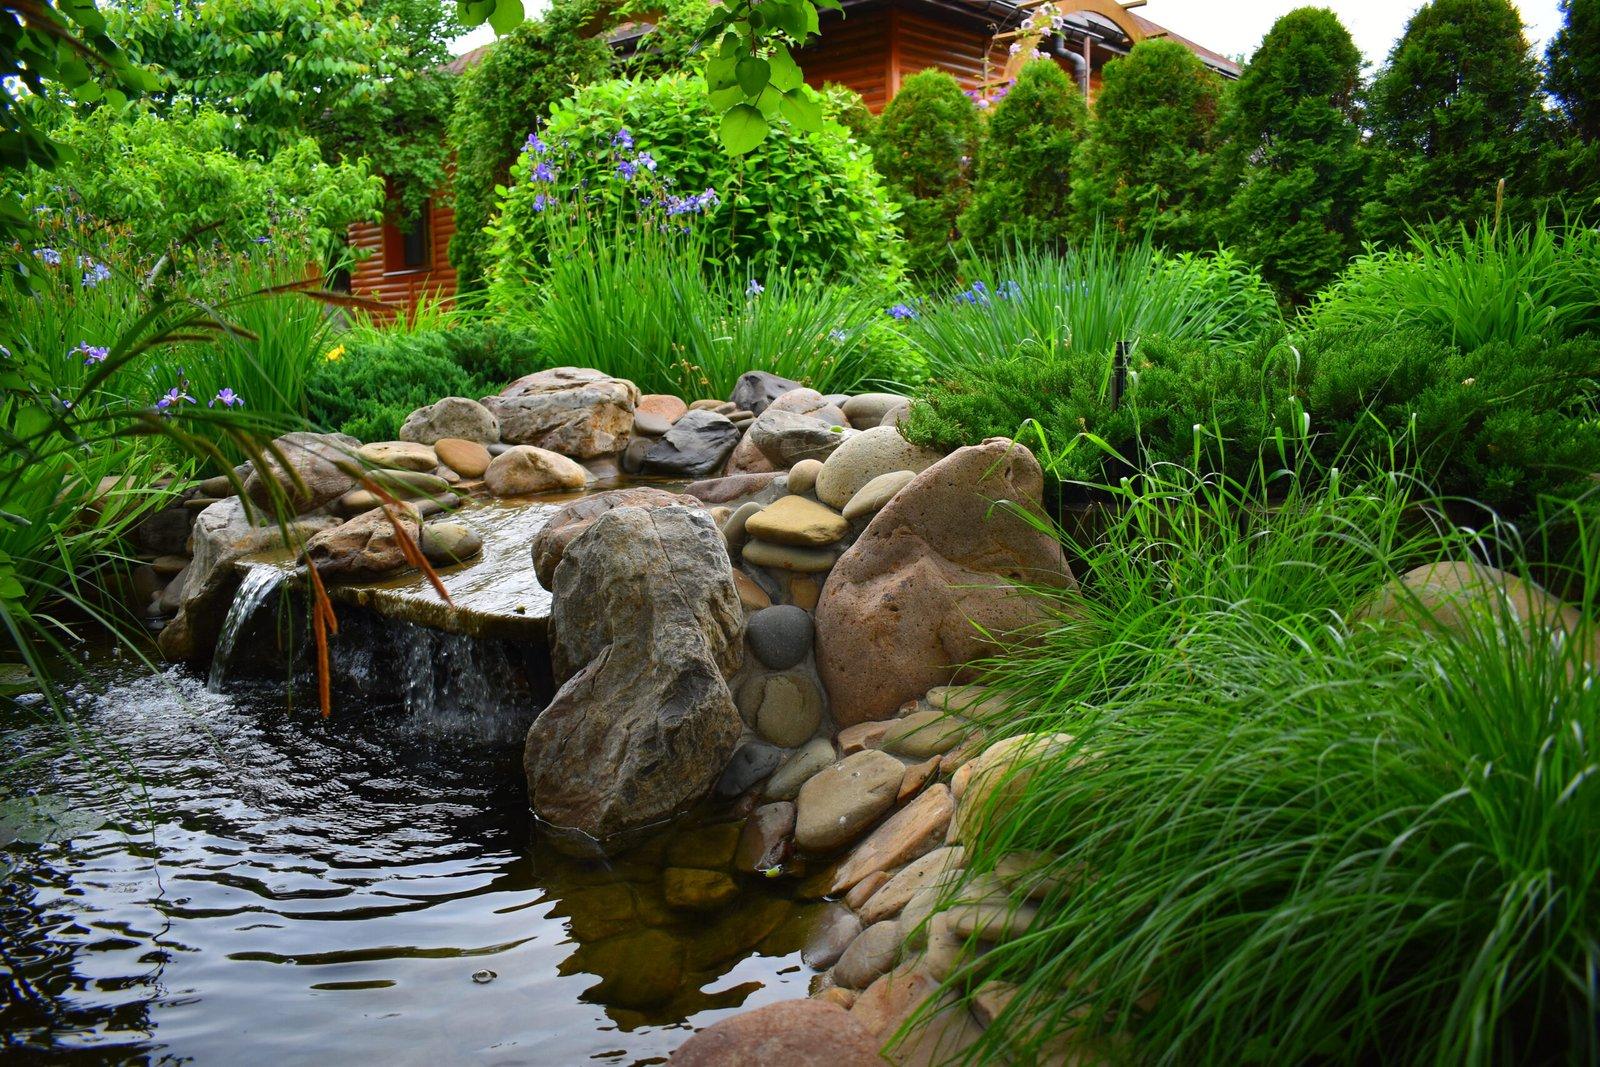 Архитектурный объект, садовая мебель, искусственный водоем, растения для ландшафтного дизайна